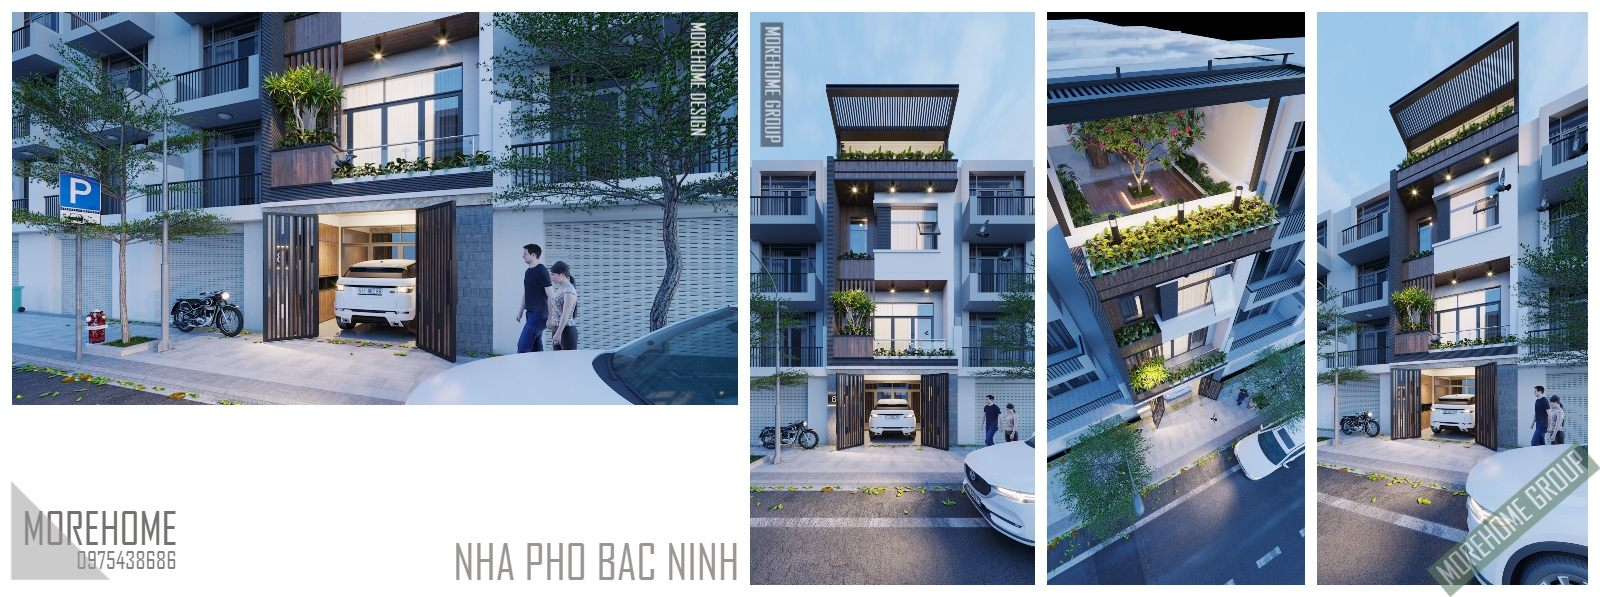 Thiết kế kiến trúc nhà phố hiện đại tại bắc ninh